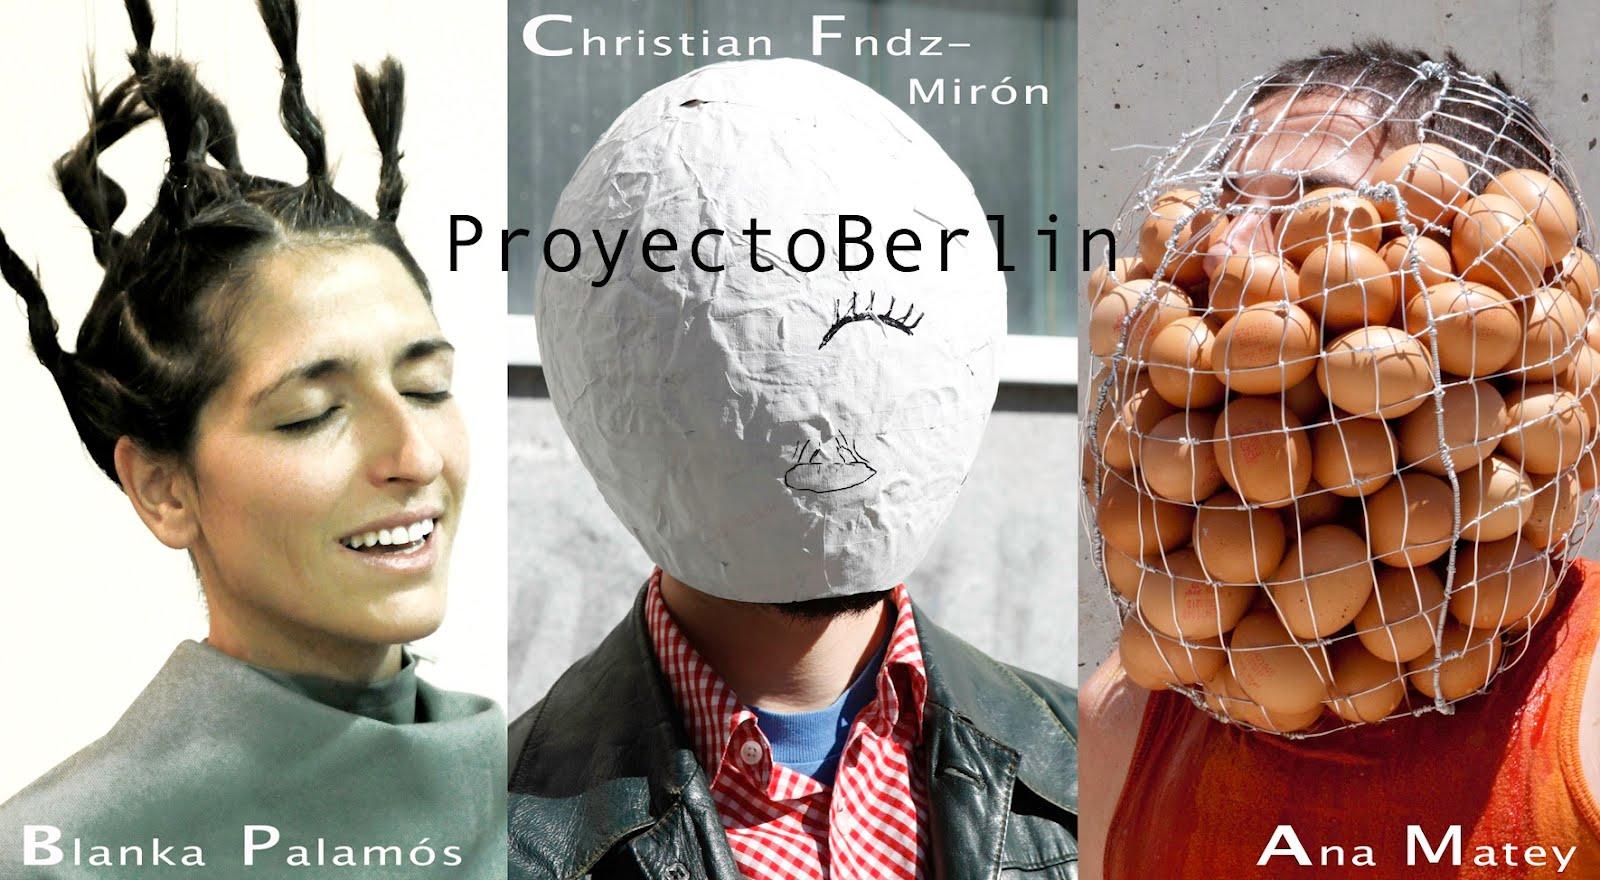 _______ProyectoBerlin_______